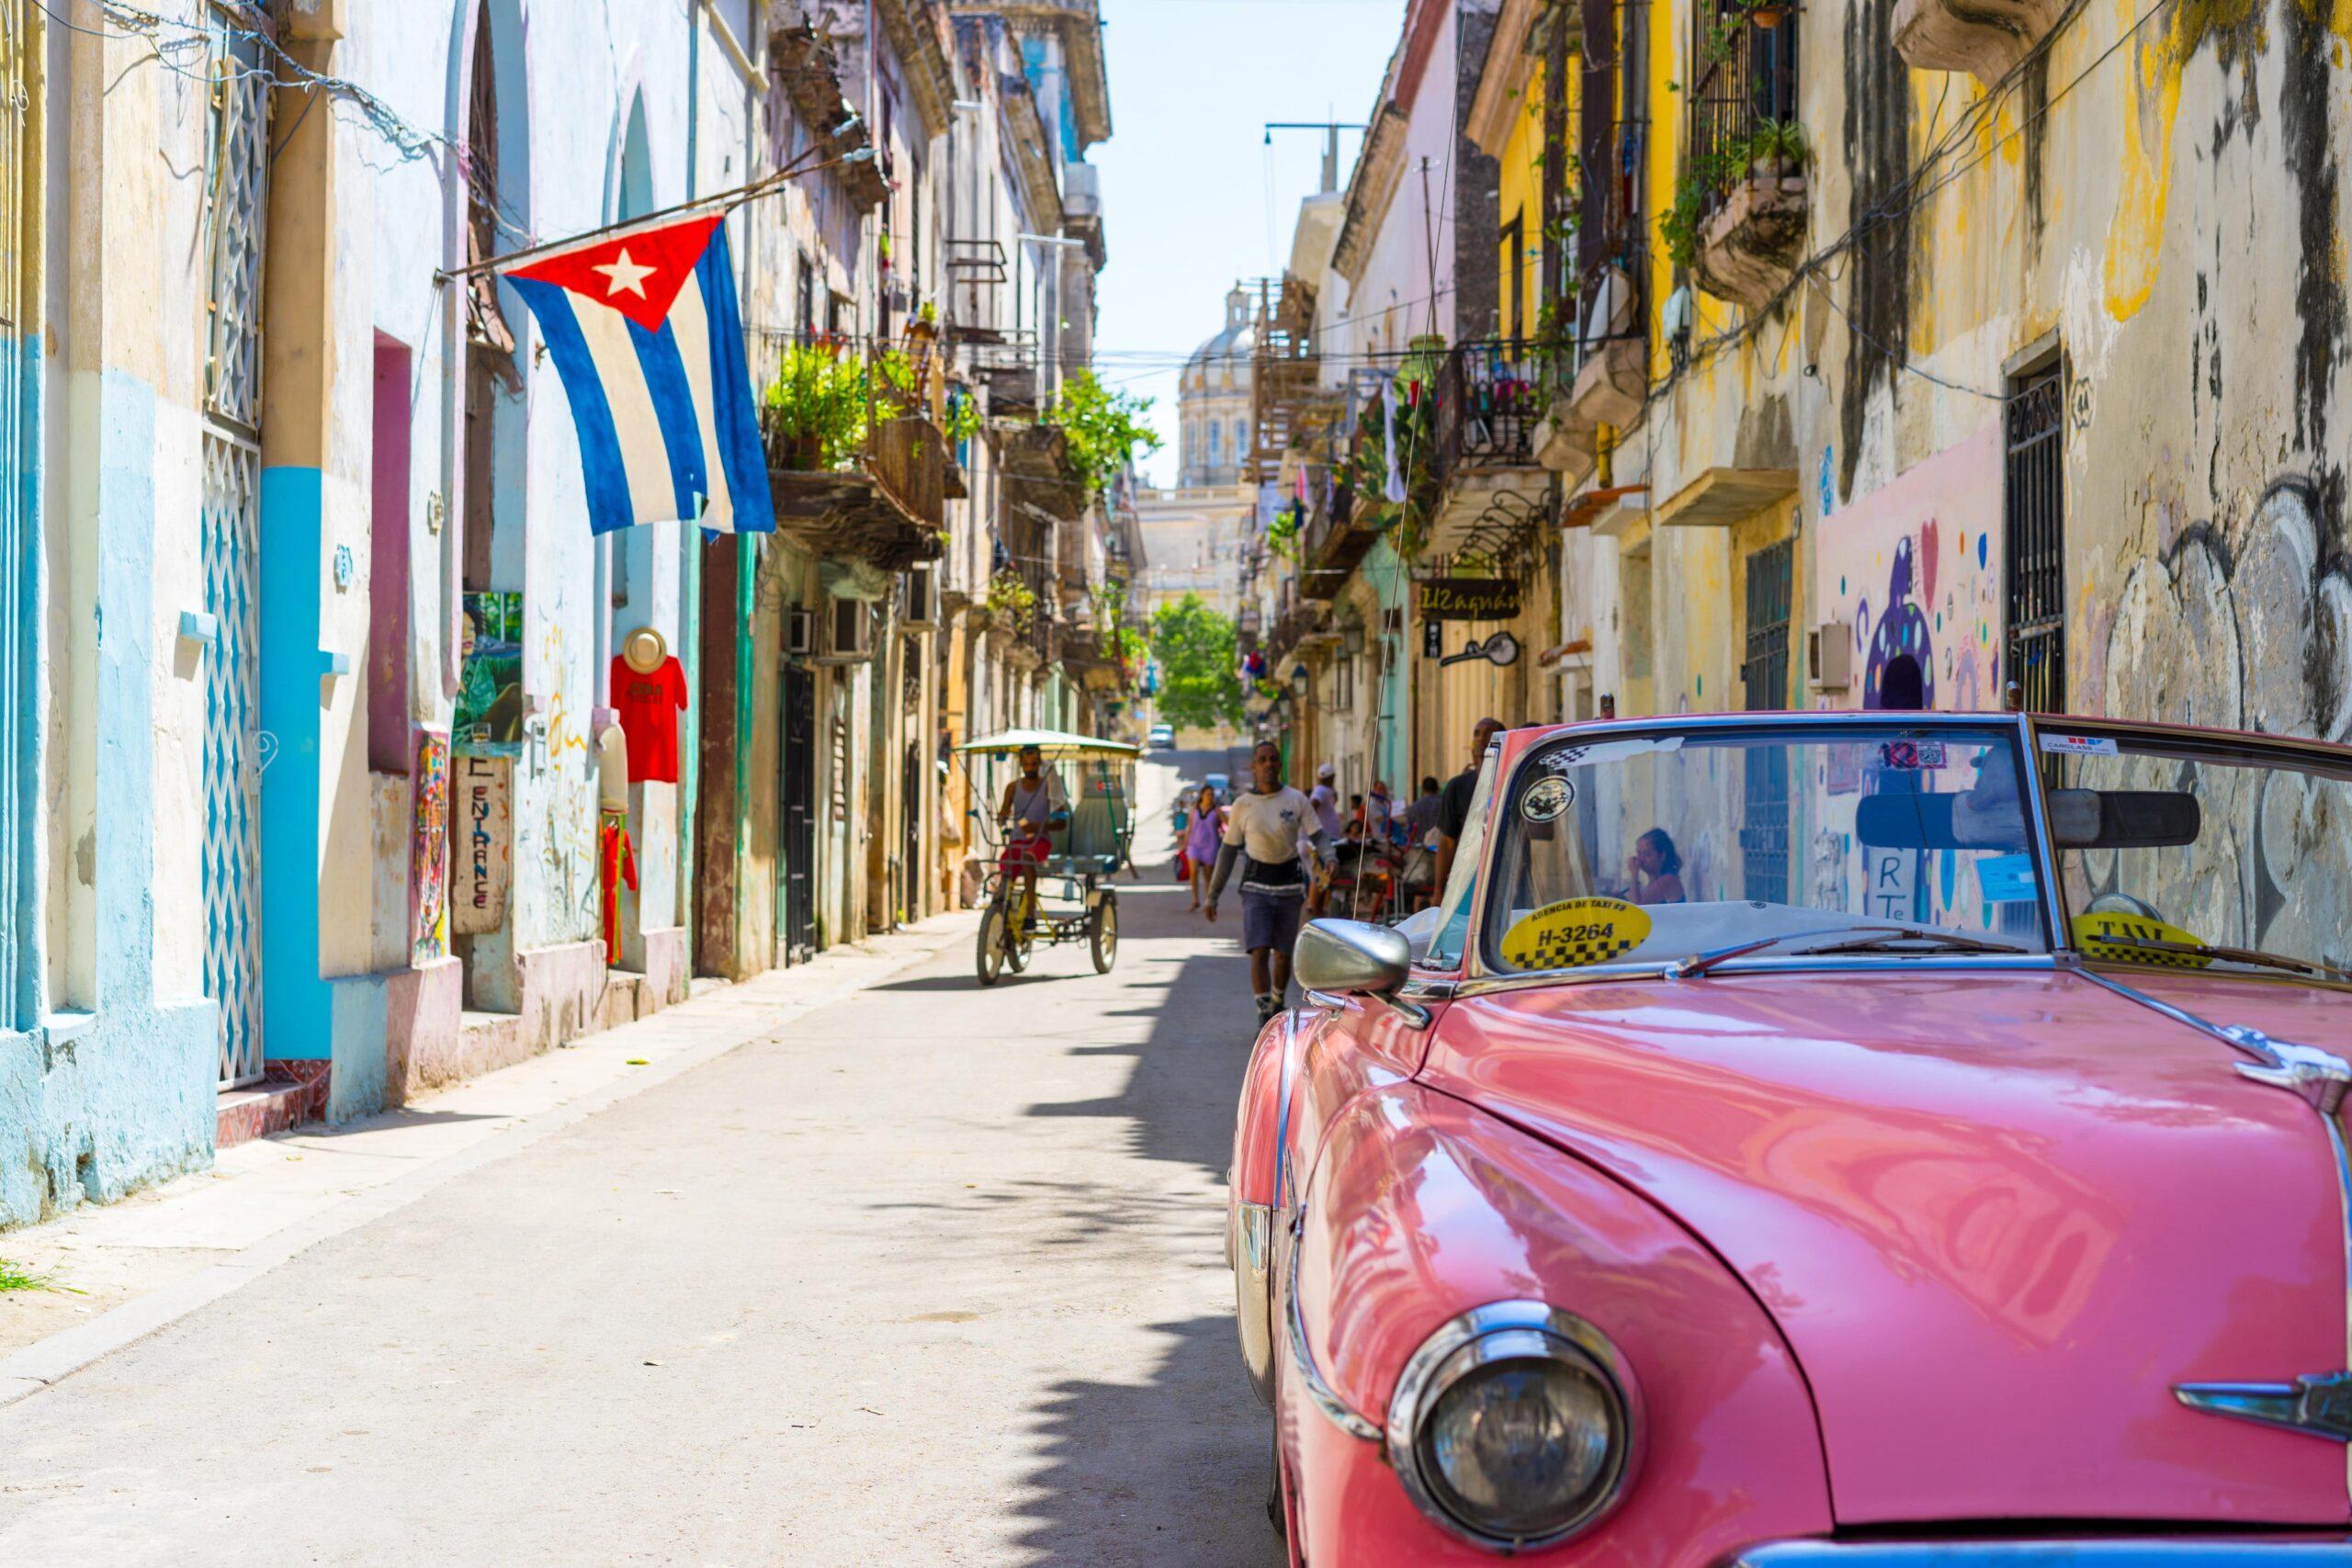 Cuba street red car